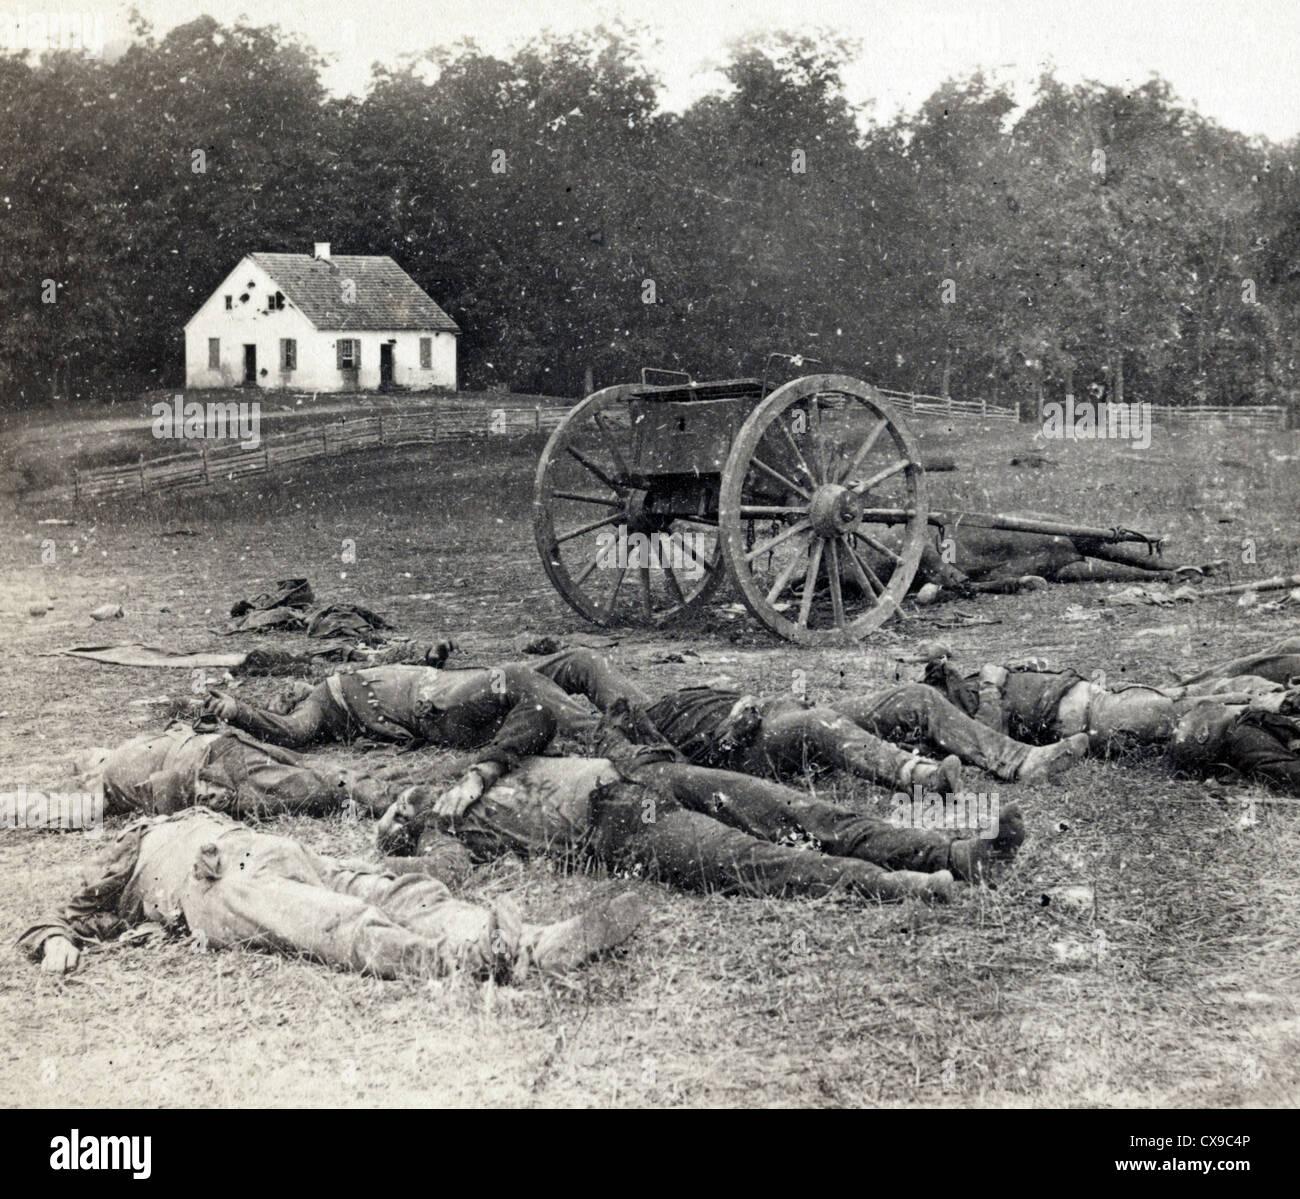 Battaglia di Antietam conosciuta anche come la battaglia di Sharpsburg, Guerra civile americana Immagini Stock